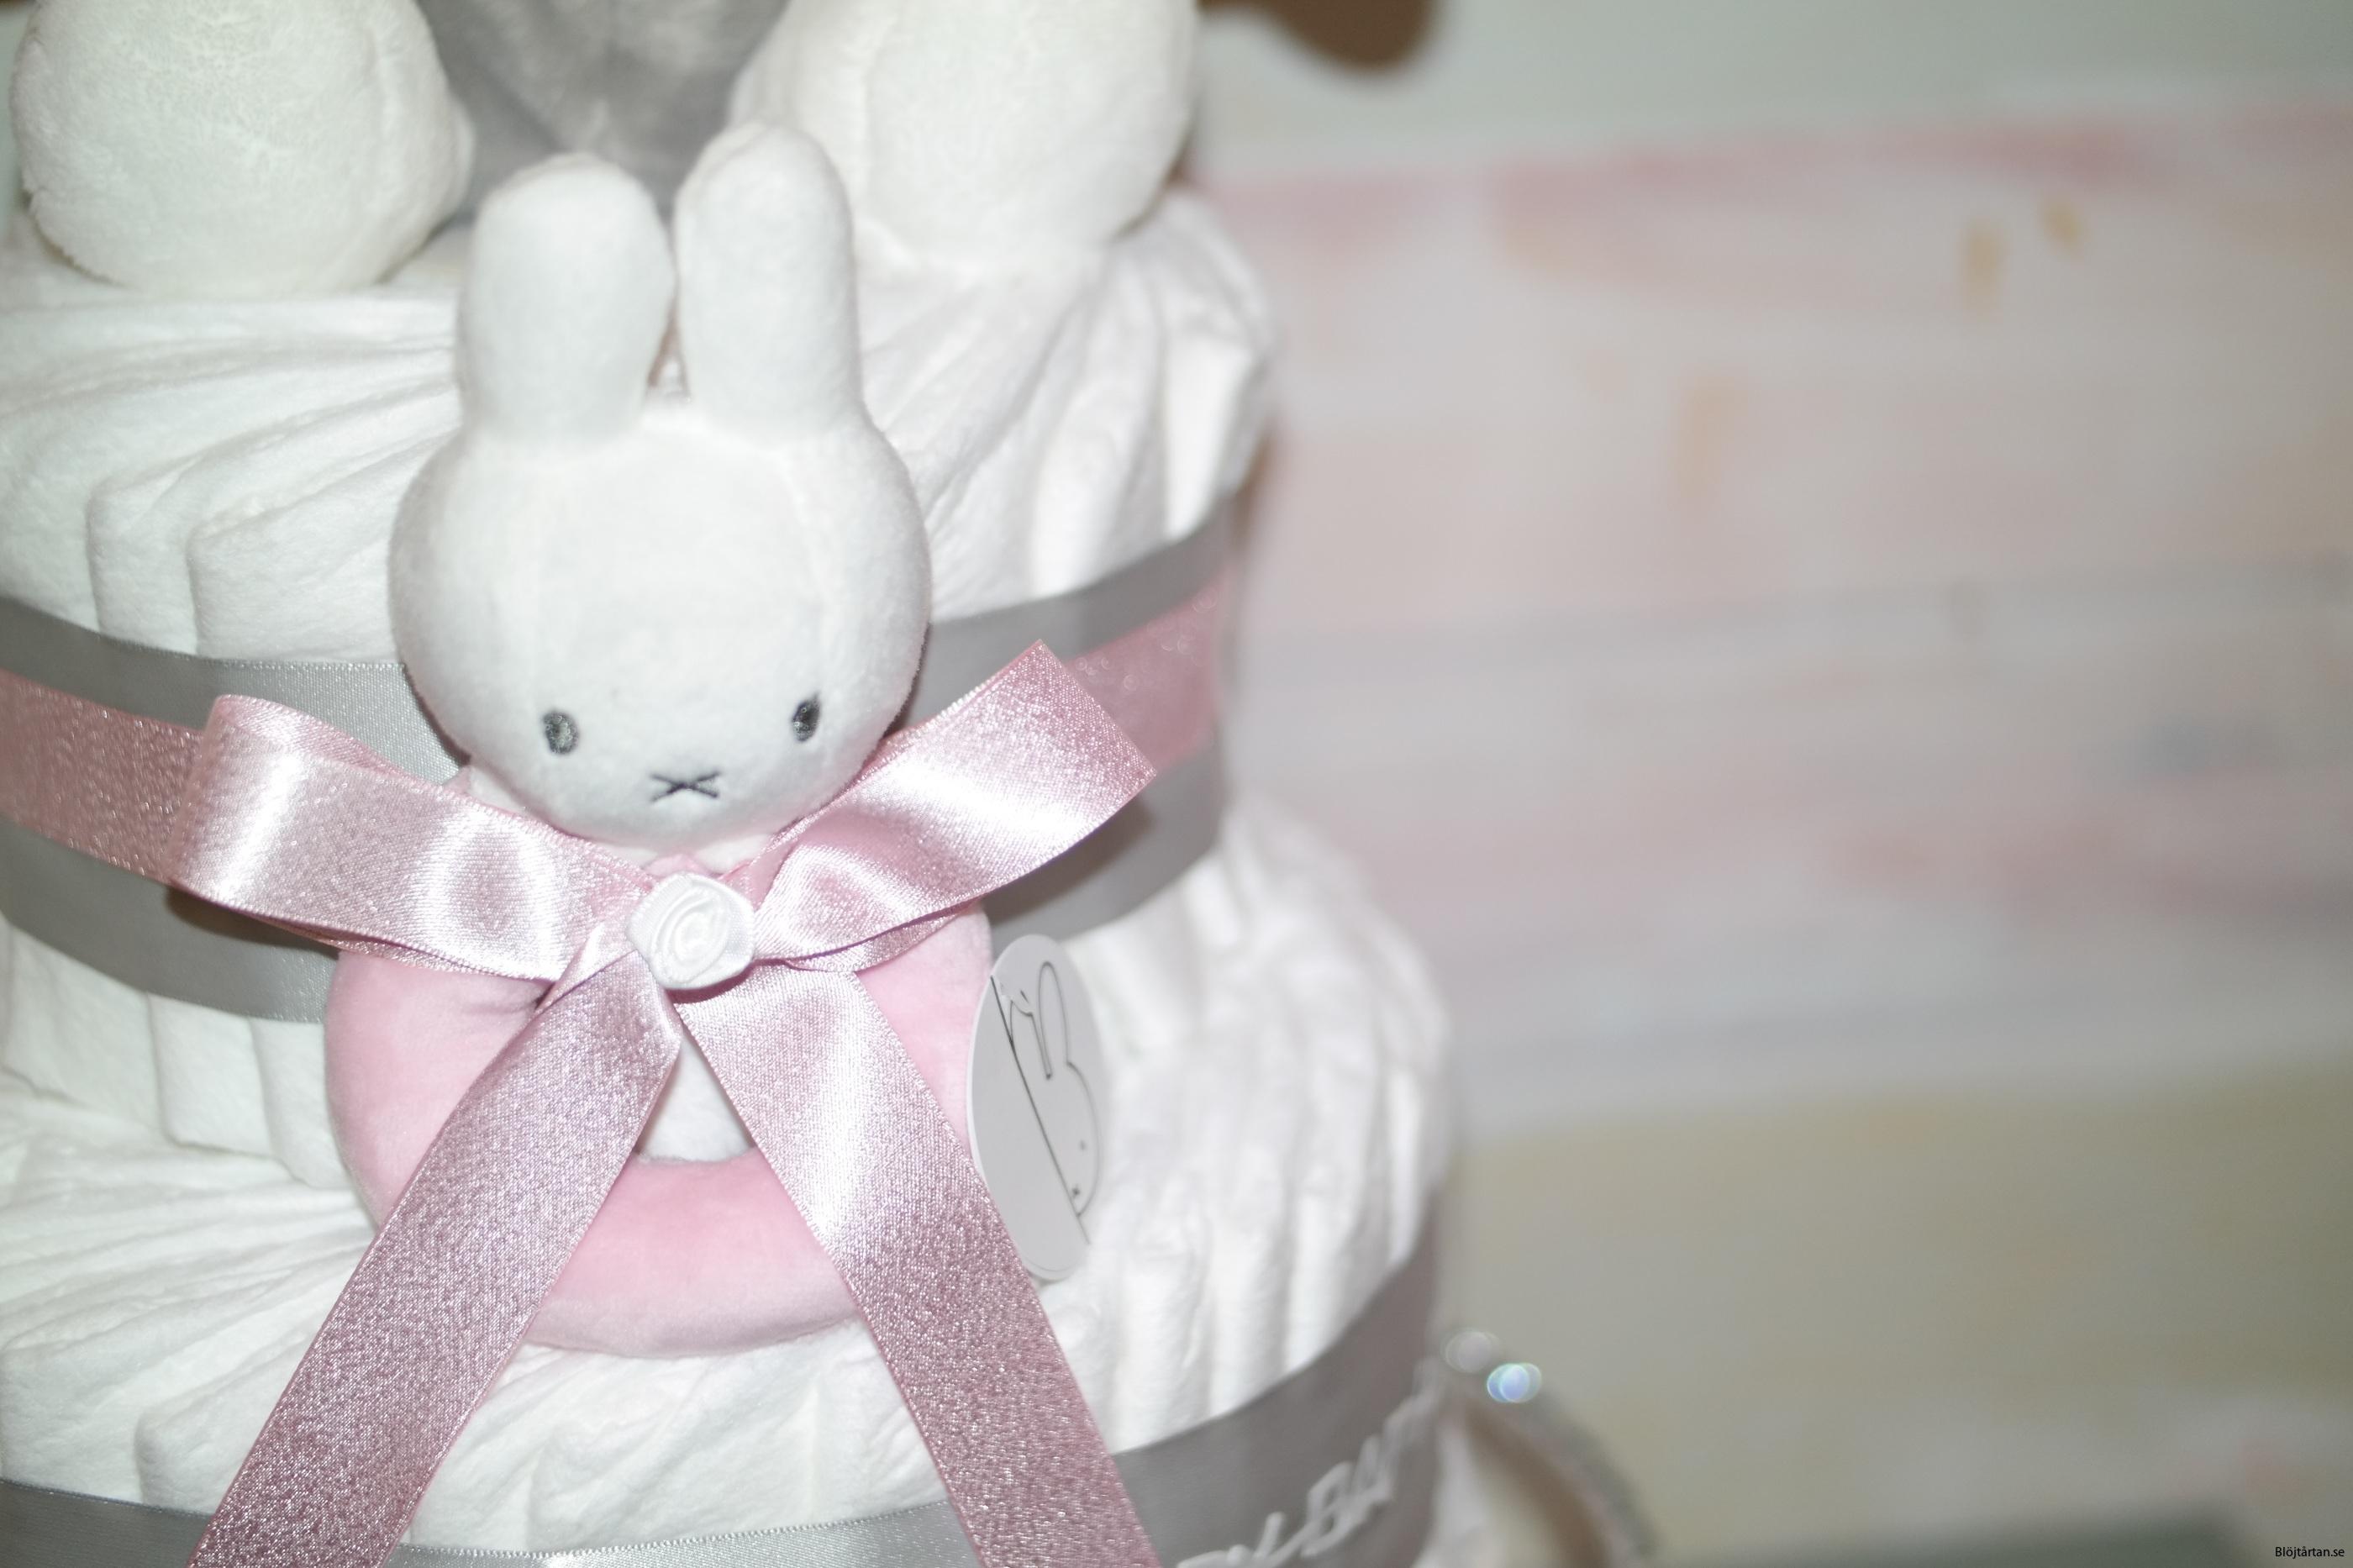 Blöjtårta Miffy med nalle och skallra, rosa